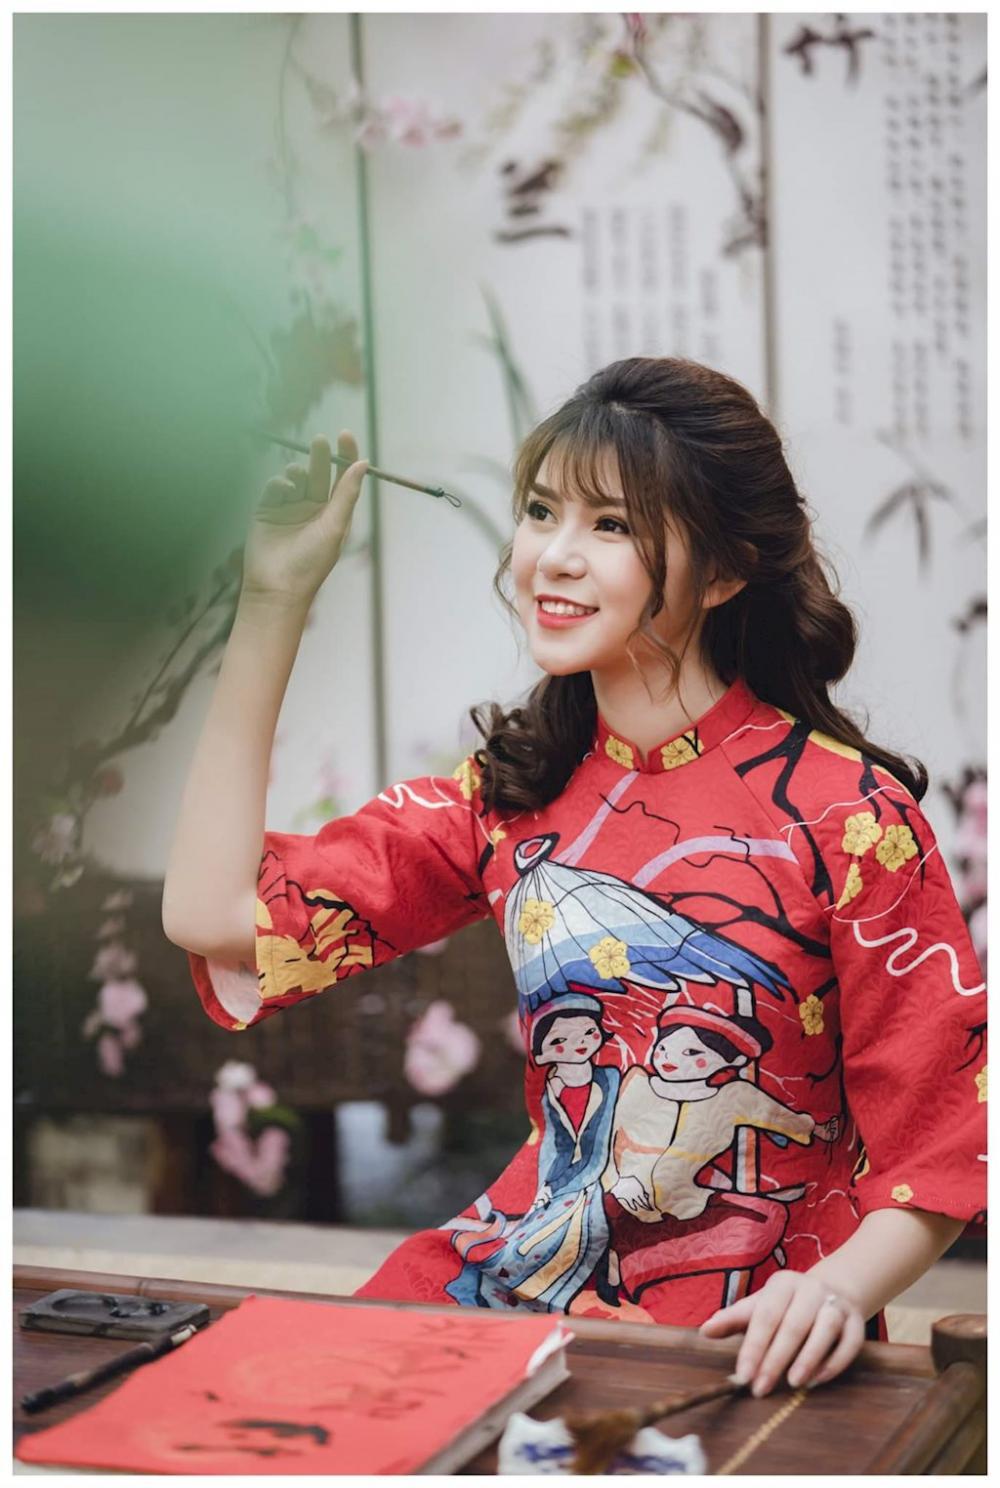 Phương Oanh được biết đến là một hot girl đến từ Mộc Châu. Cô sở hữu vẻ đẹp như bông hoa rừng của vùng núi Tây Bắc. Với nhiều năm kinh nghiệm làm mẫu ảnh, cô nàng là gương mặt mẫu ảnh hot của thế hệ 10x tại Hà Thành.